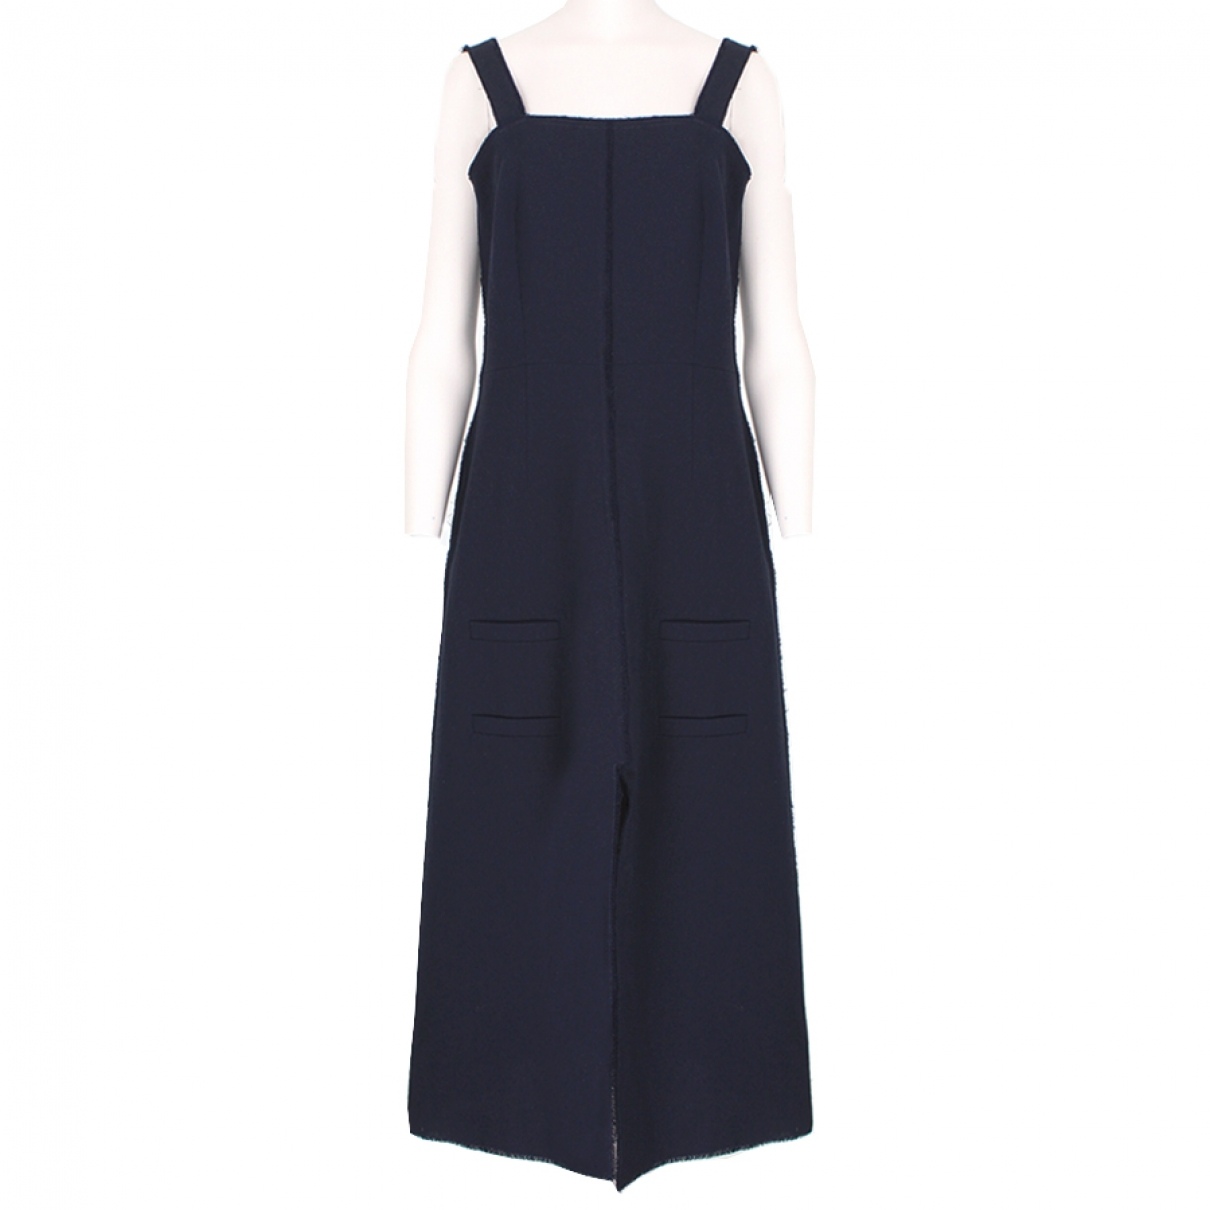 J.w. Anderson \N Navy Wool dress for Women 10 UK